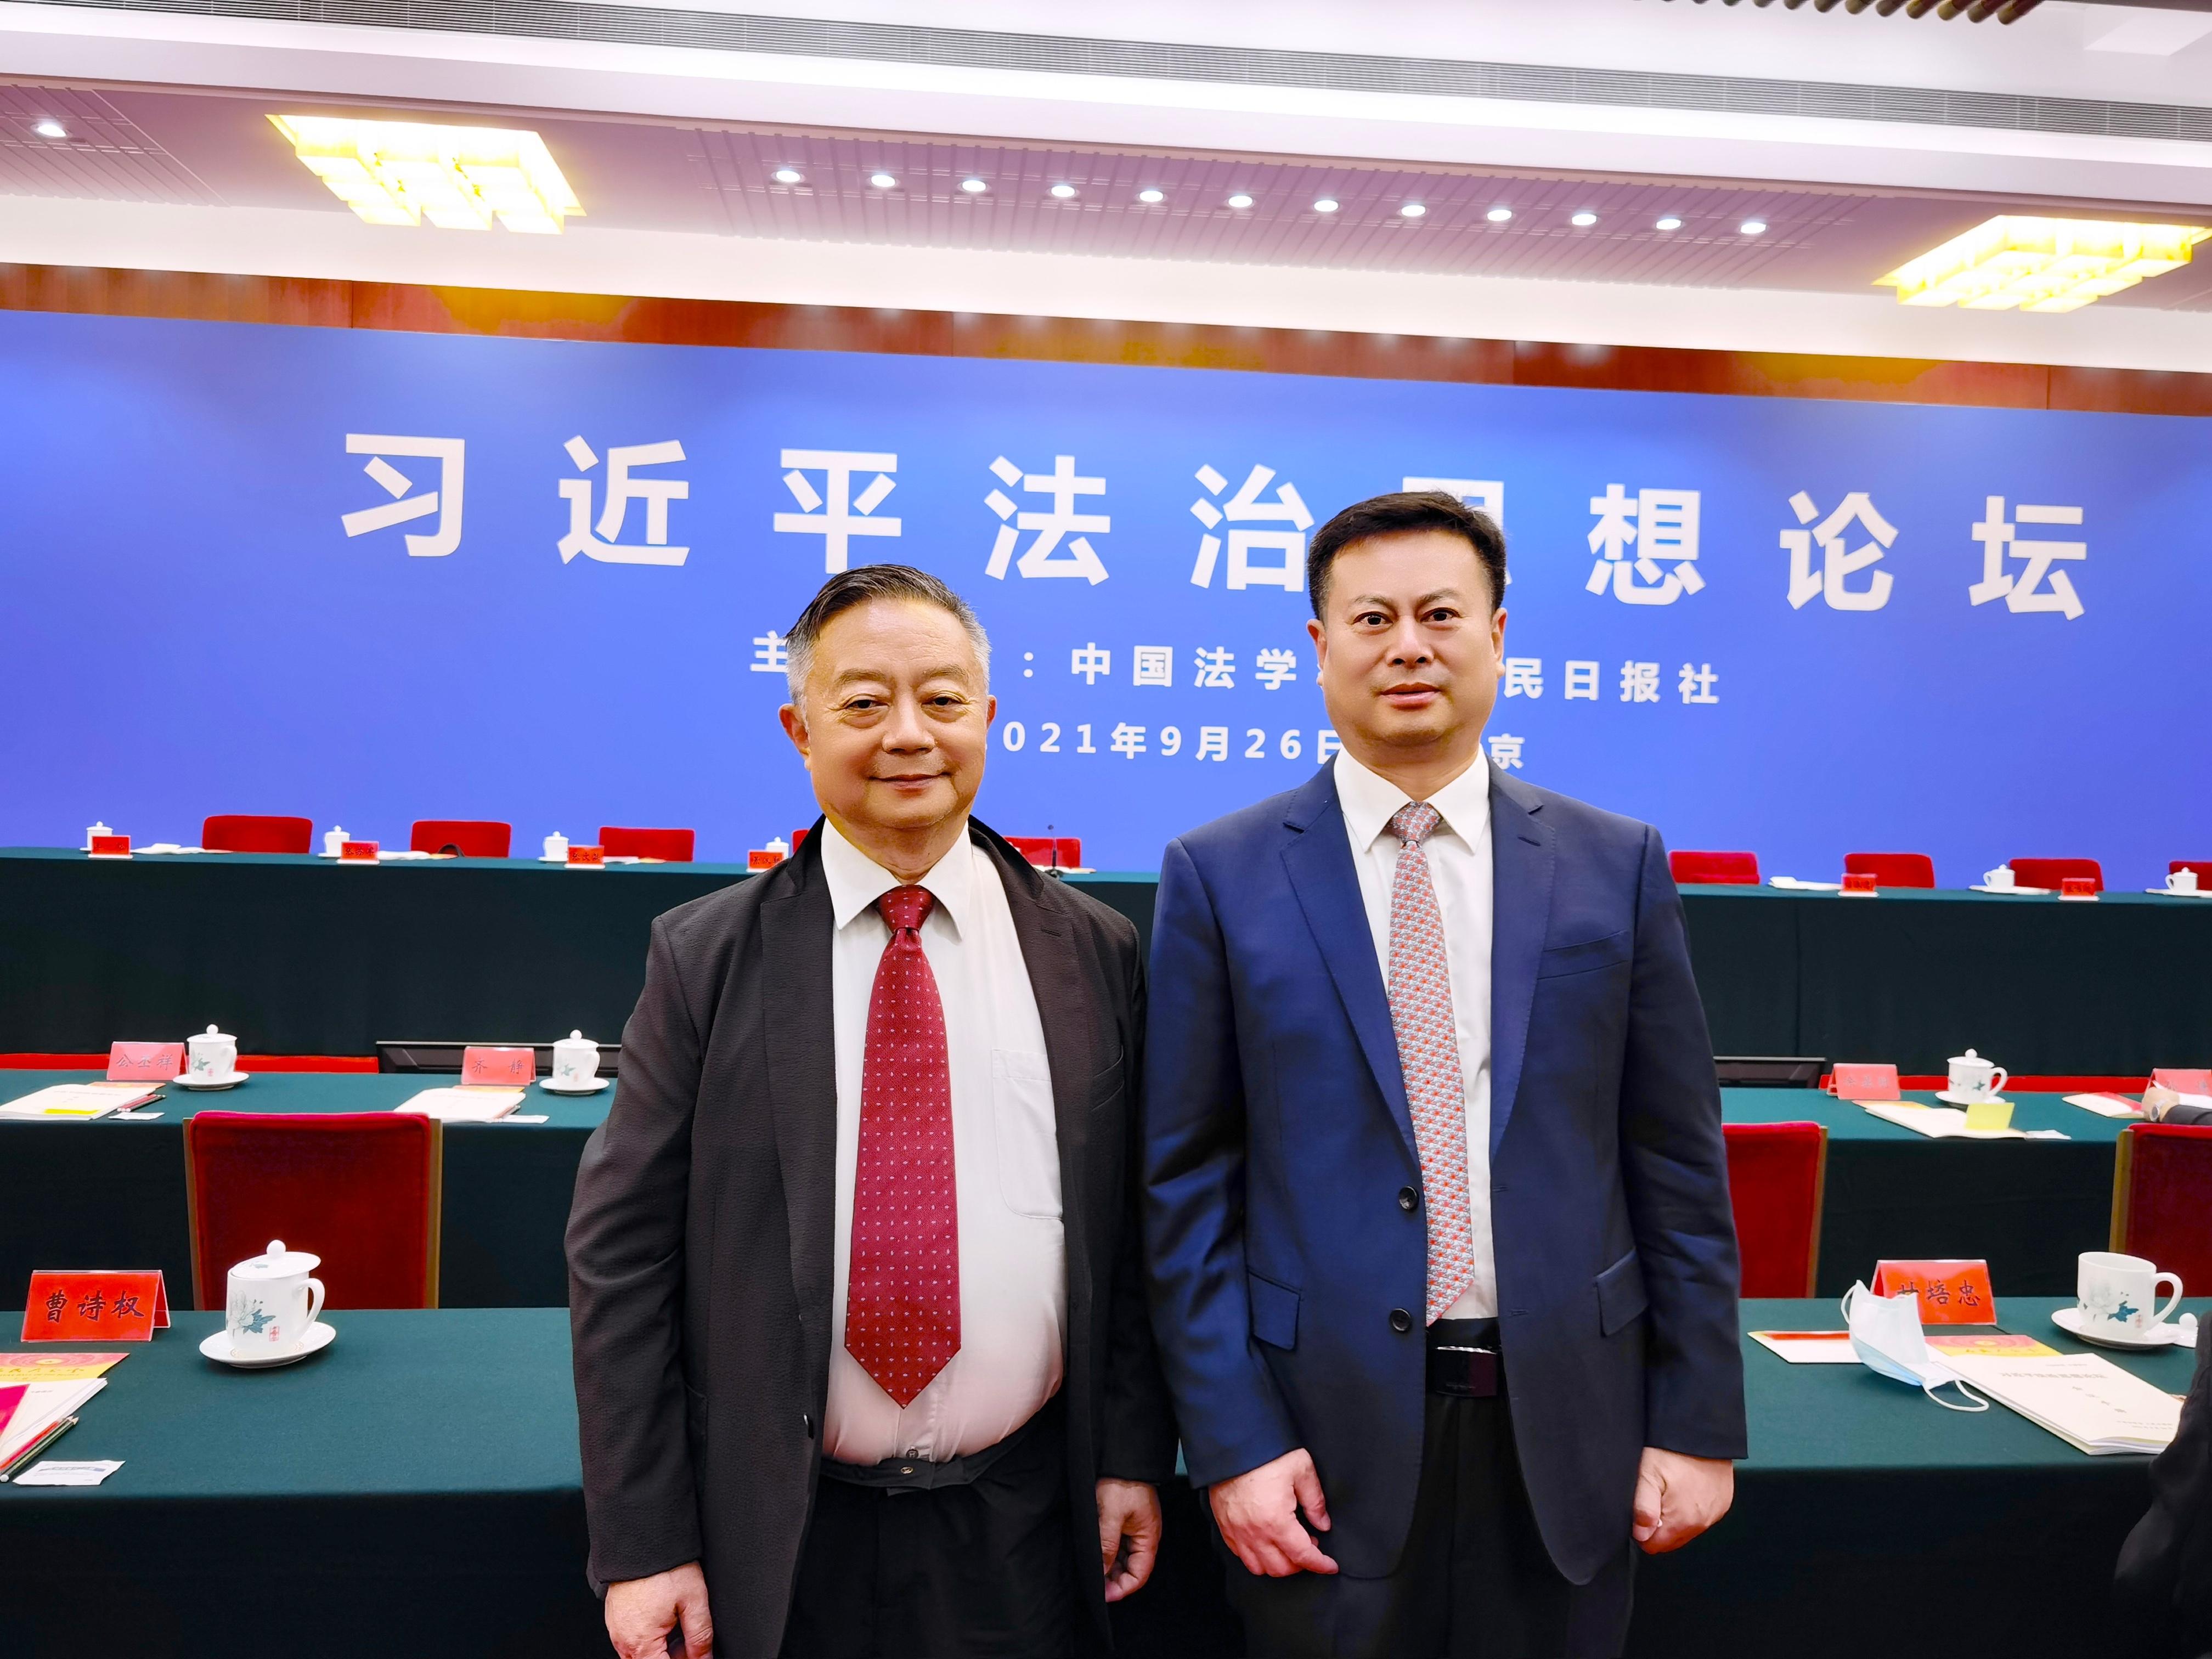 银行法学研究会王卫国会长、潘修平秘书长出席习近平法治思想论坛